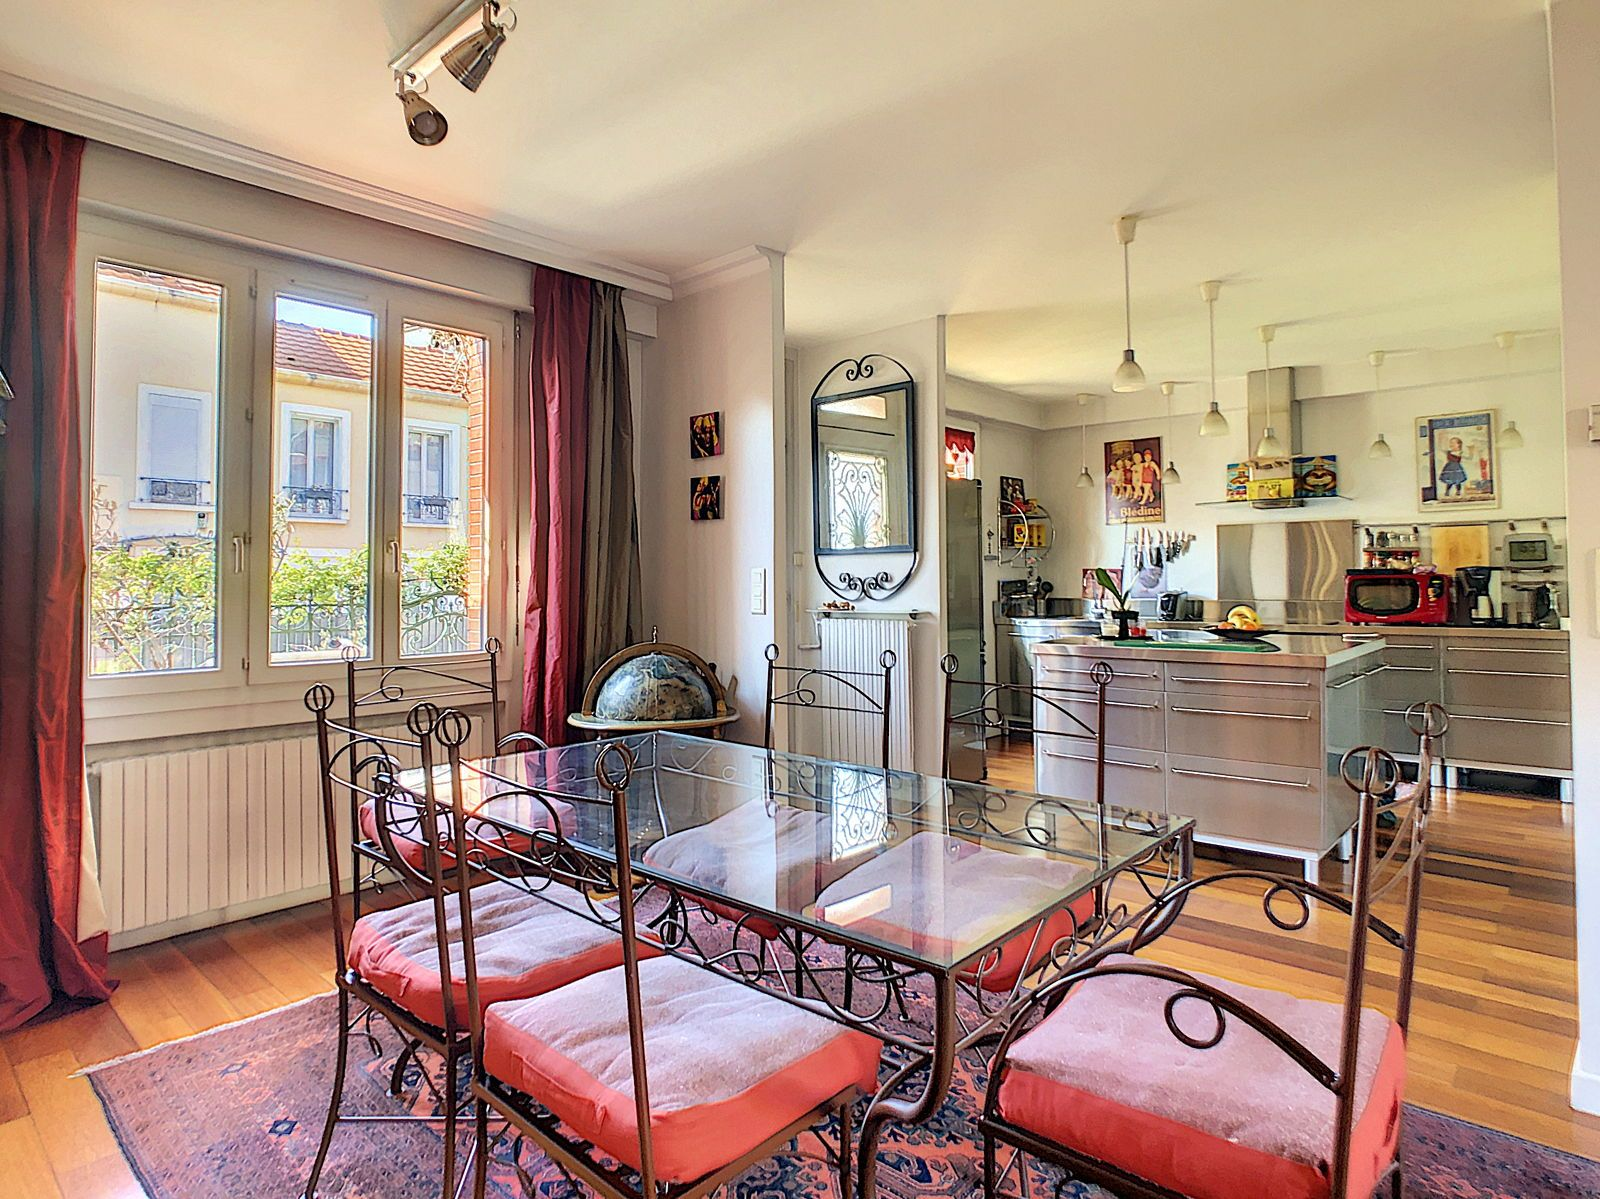 Vends maison espaces extraordinaires 300m² - 4chambres - Asnières-sur-Seine (92)